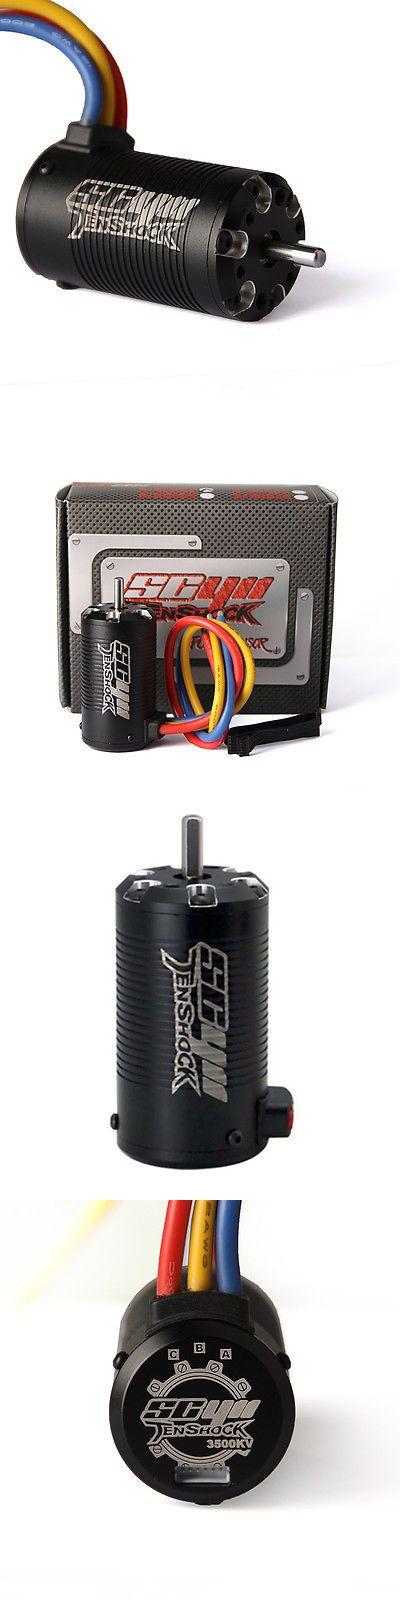 Electric Motors 100058: Tenshock Sc411 Brushless Sensored 1 10 Short Course Motor Sct 5200Kv Usa Dealer -> BUY IT NOW ONLY: $89.99 on eBay!